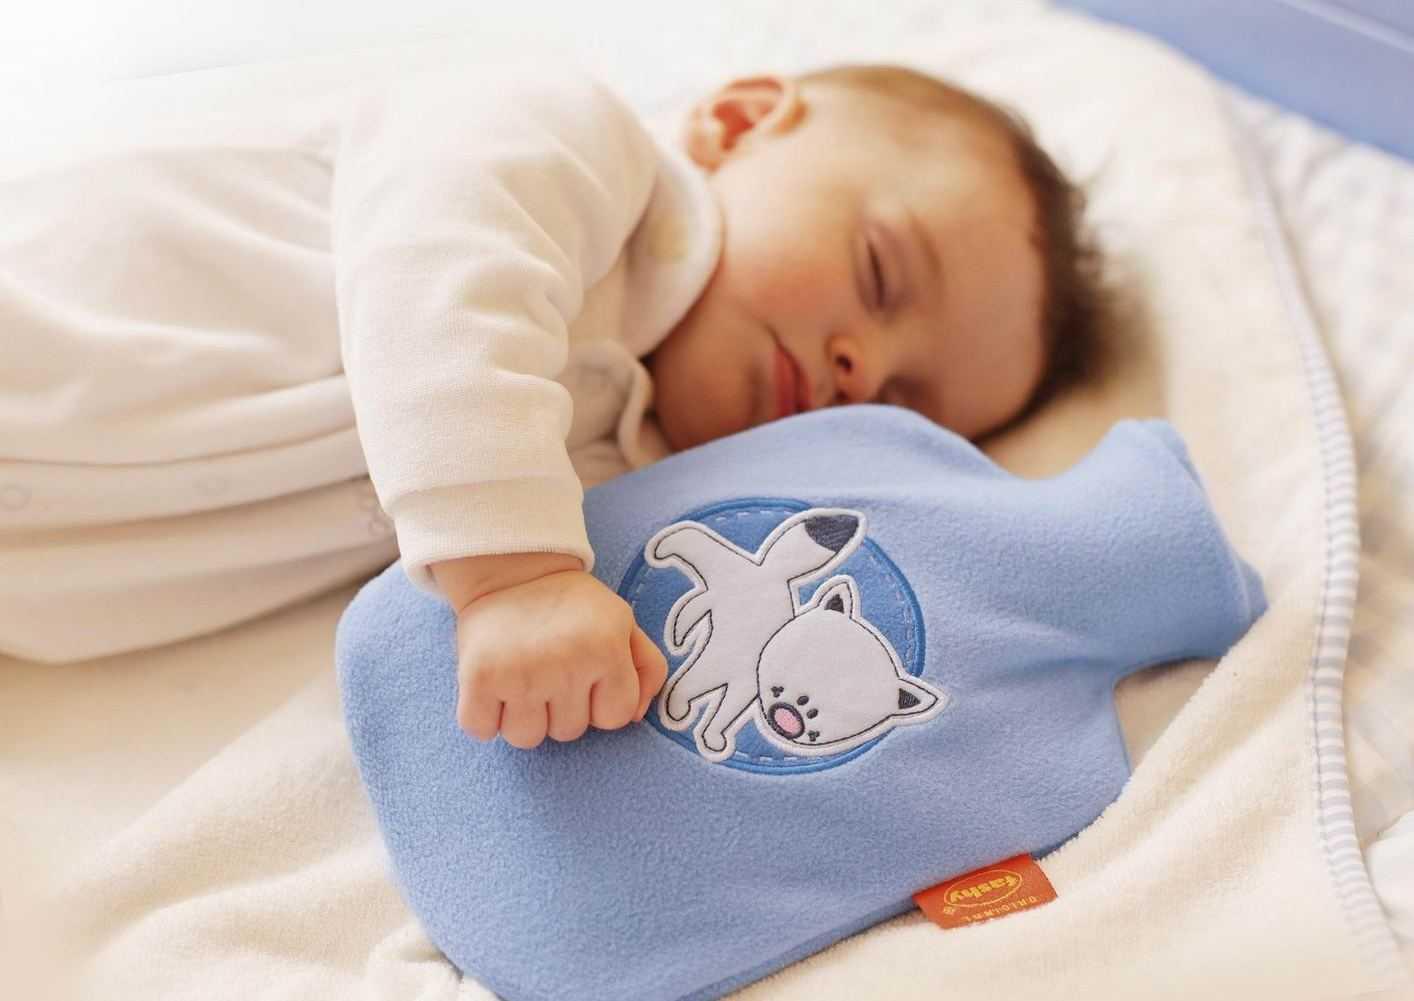 Грелка от колик для новорожденного - топотушки